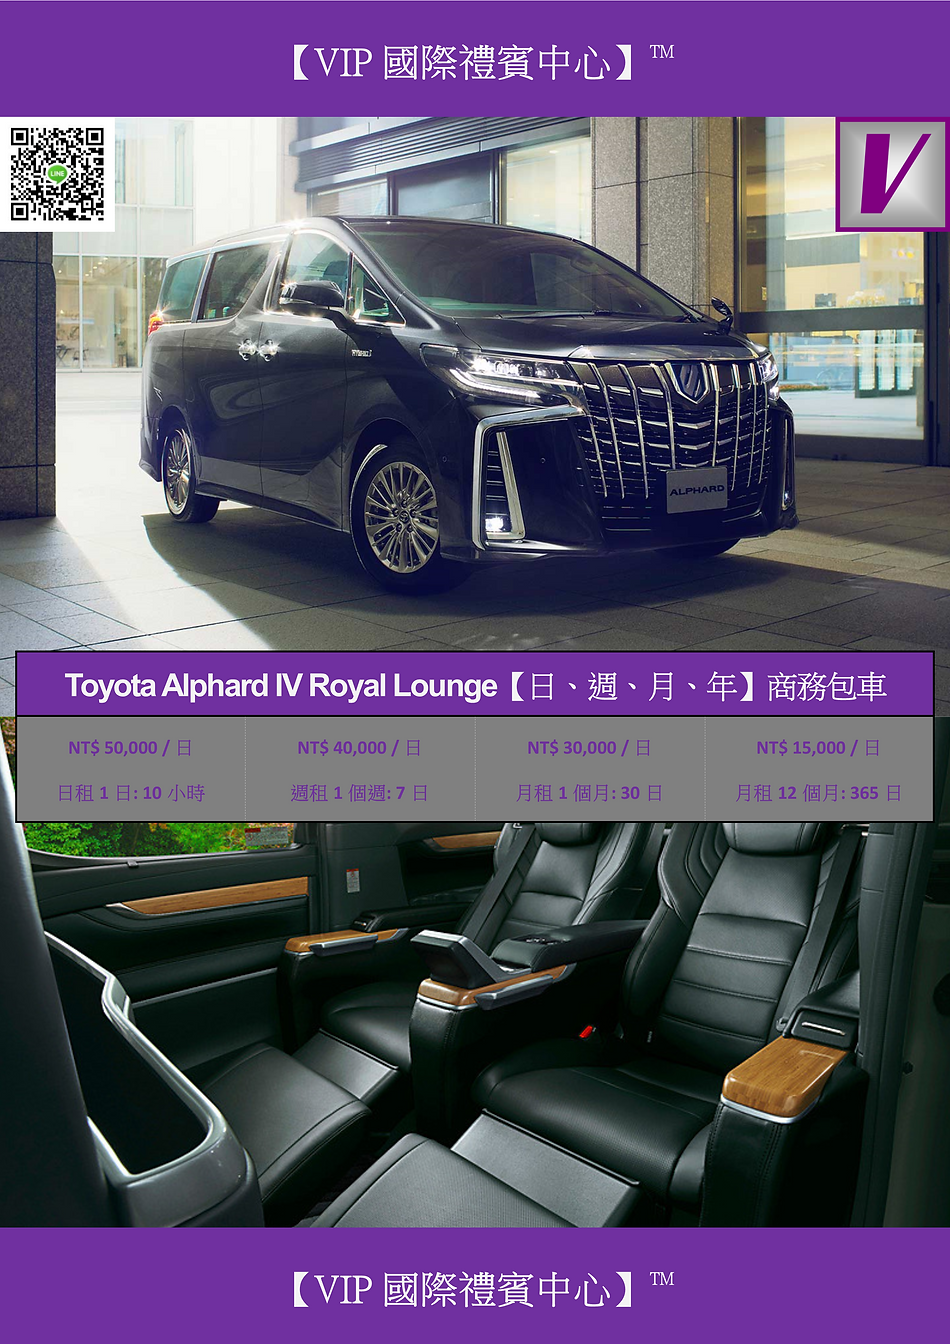 VIP國際禮賓中心 TOYOTA ALPHARD IV ROYAL LOUNGE 臺中市區接送包車